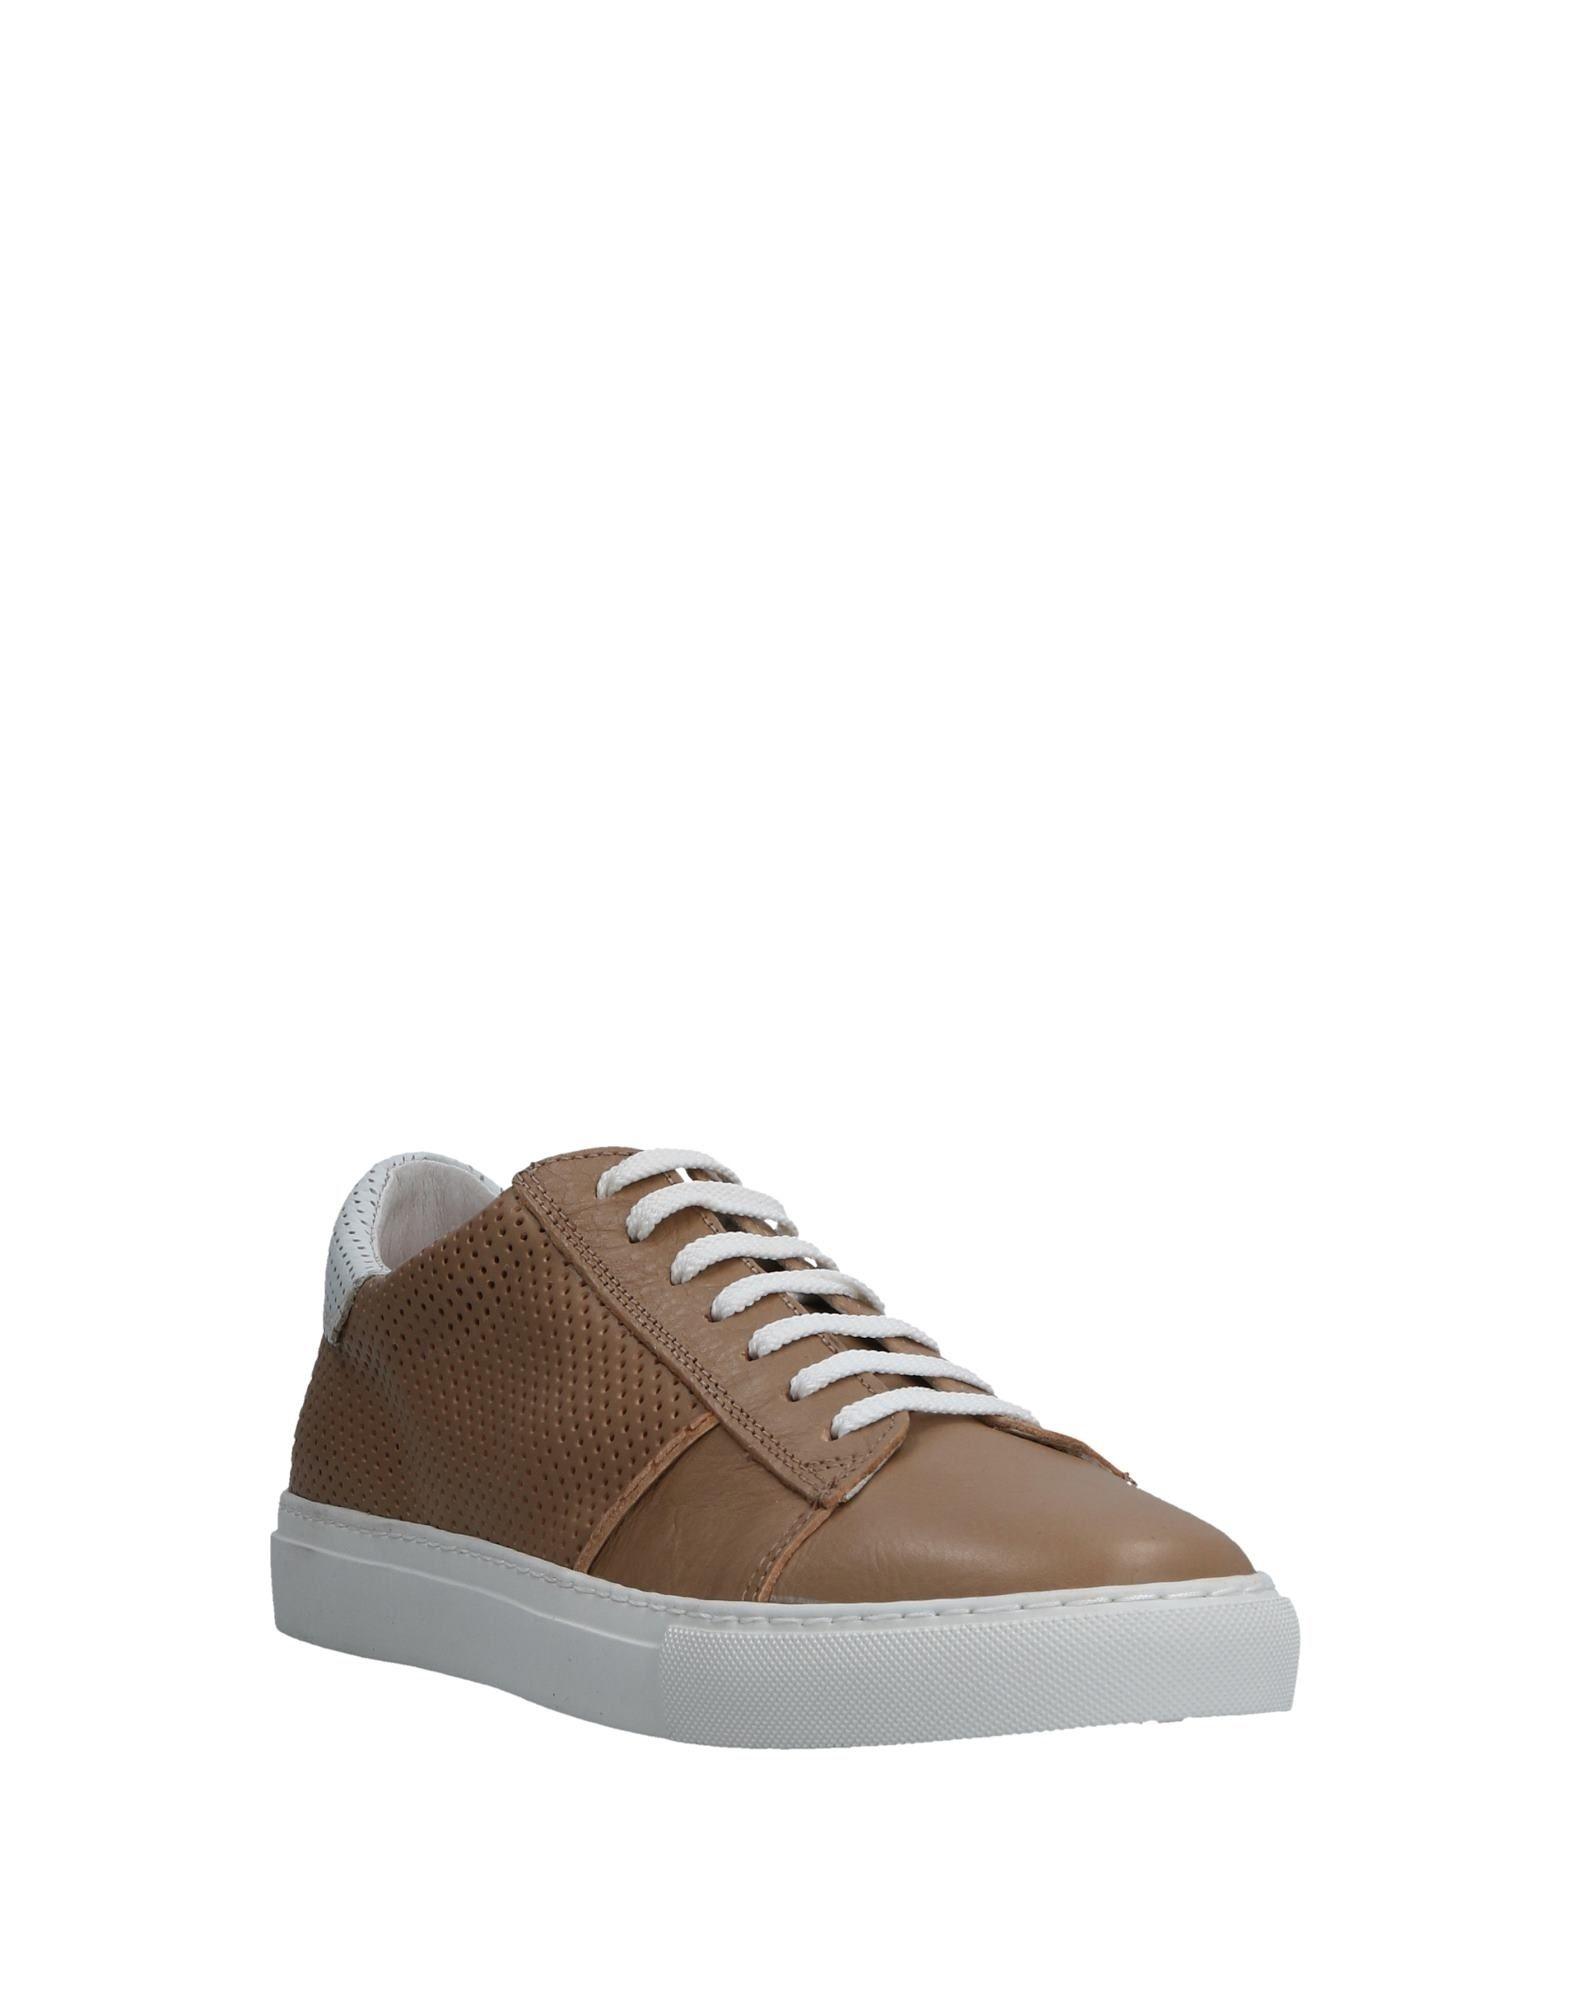 Wally Walker Gutes Sneakers Herren Gutes Walker Preis-Leistungs-Verhältnis, es lohnt sich 30683c